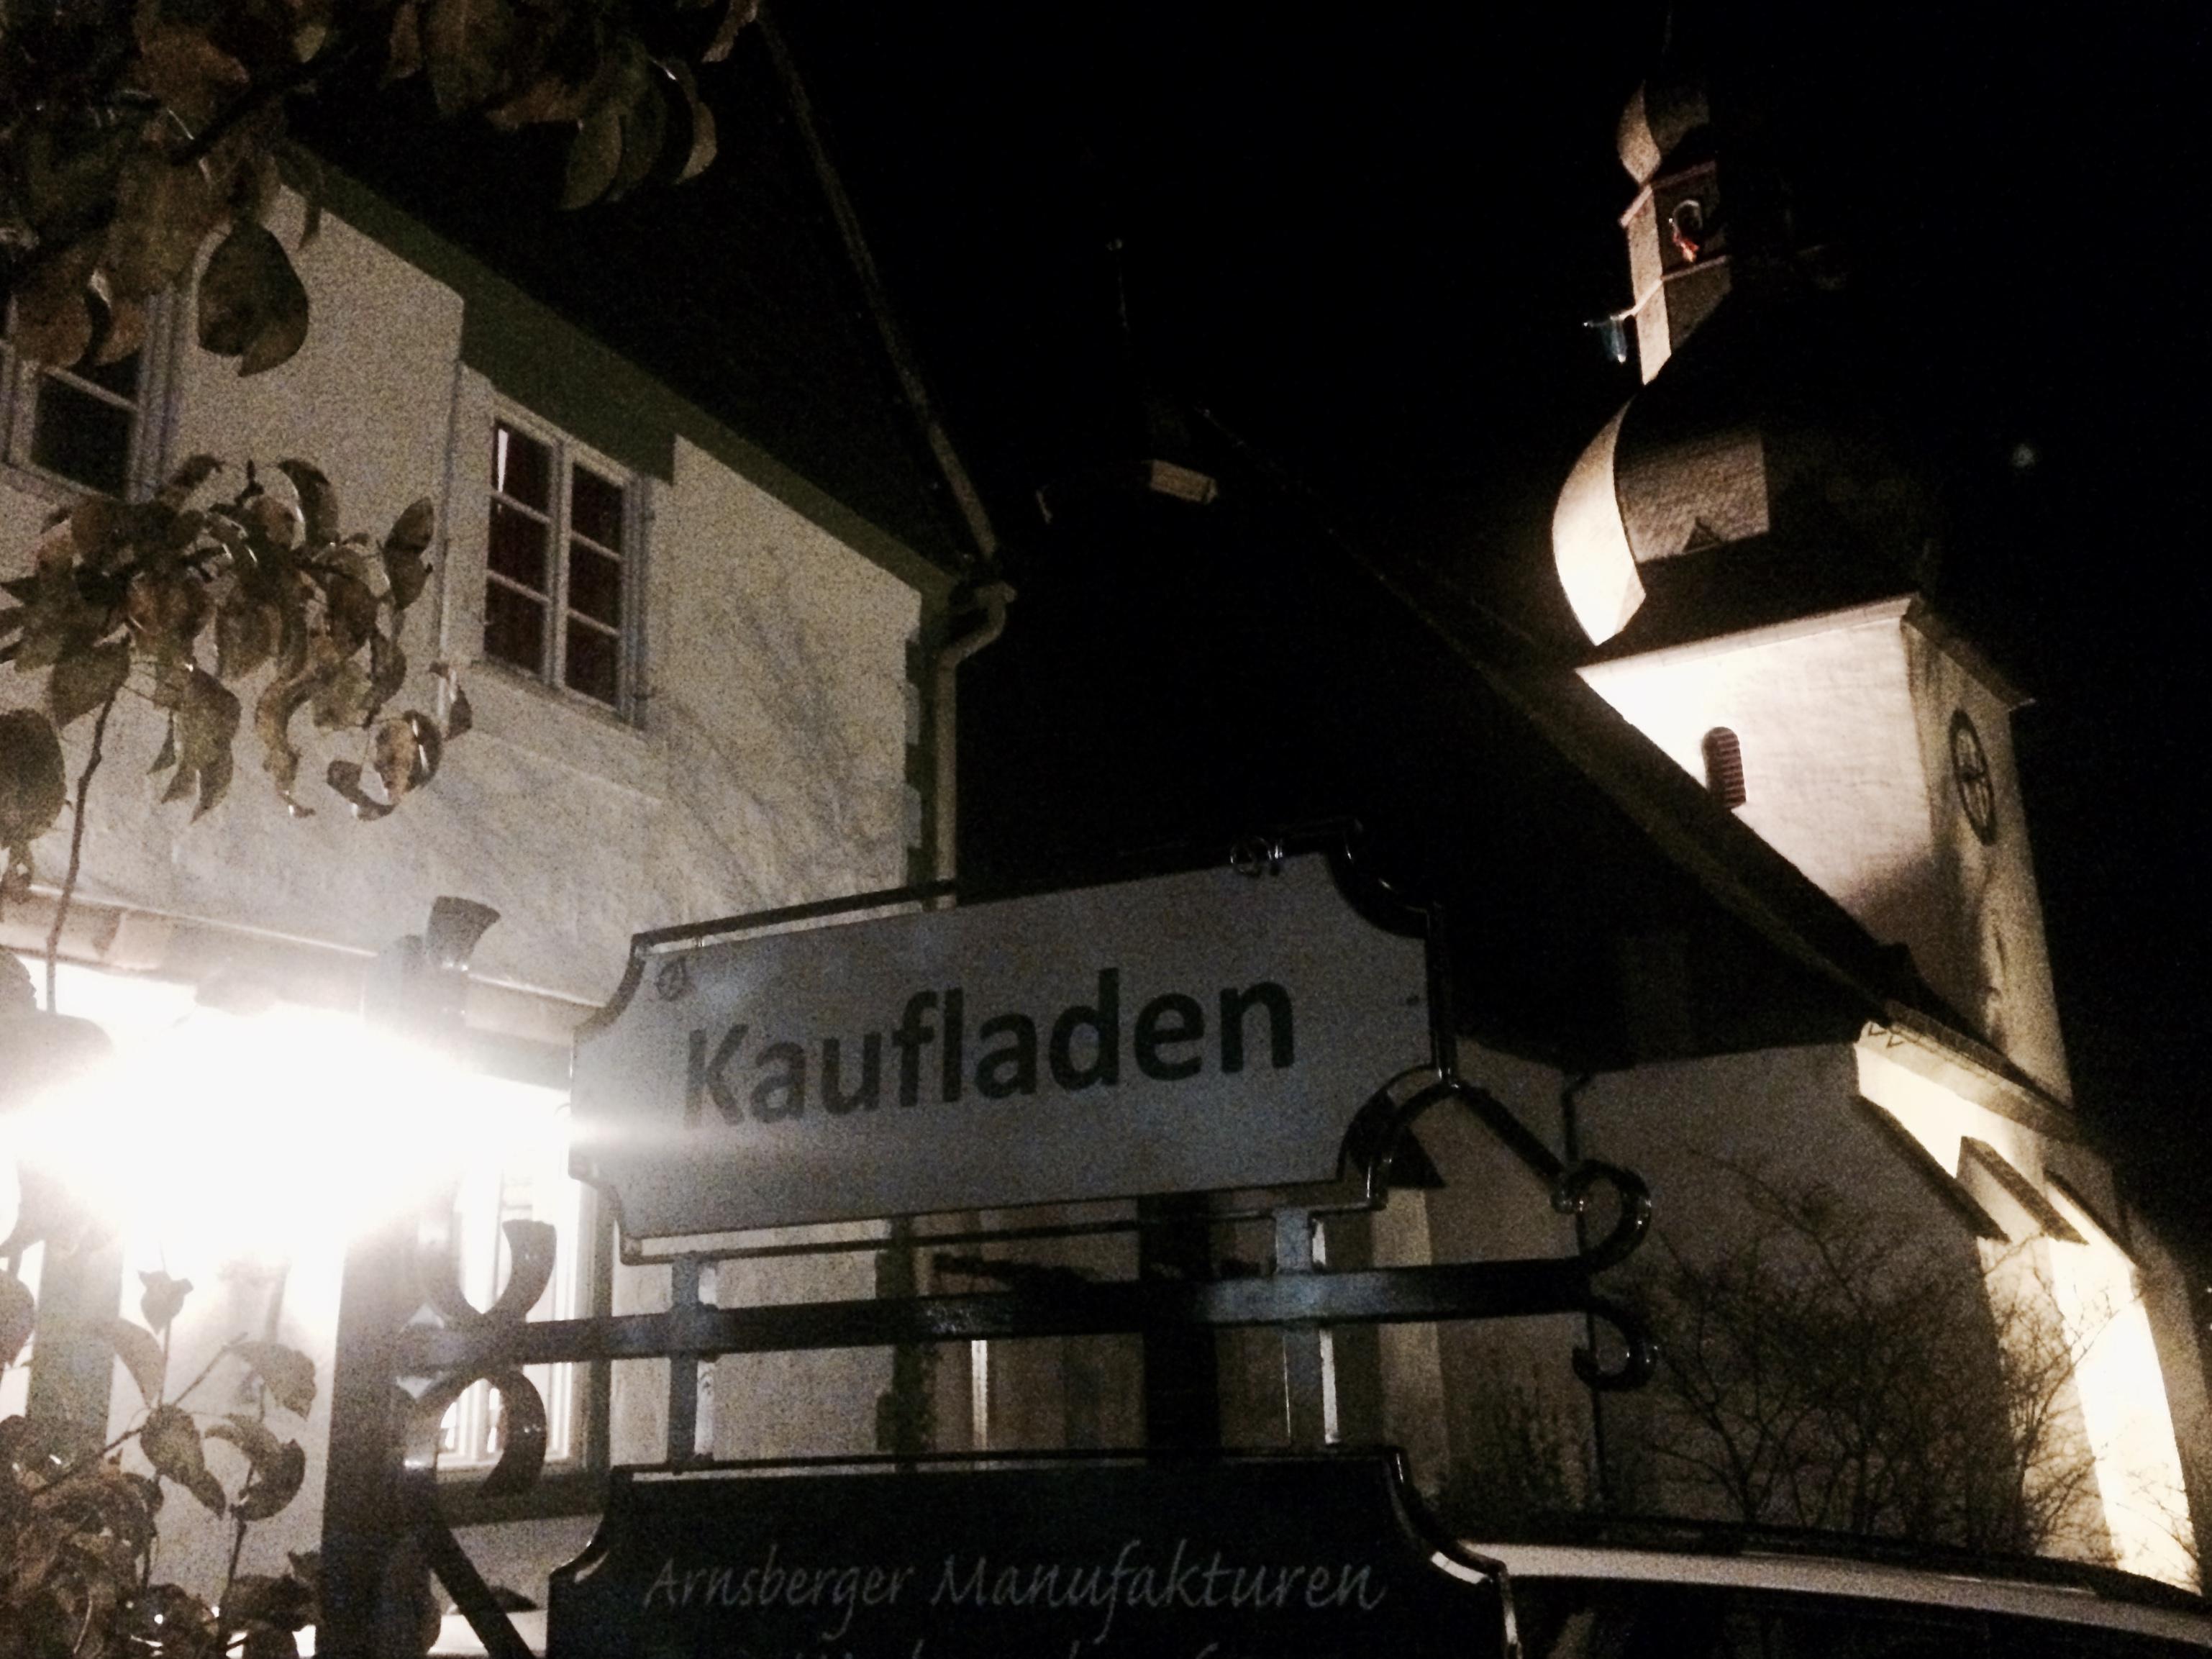 Ein Markenzeichen für die Altstadt in Arnsberg: Kaufläden und die alte Kirche.